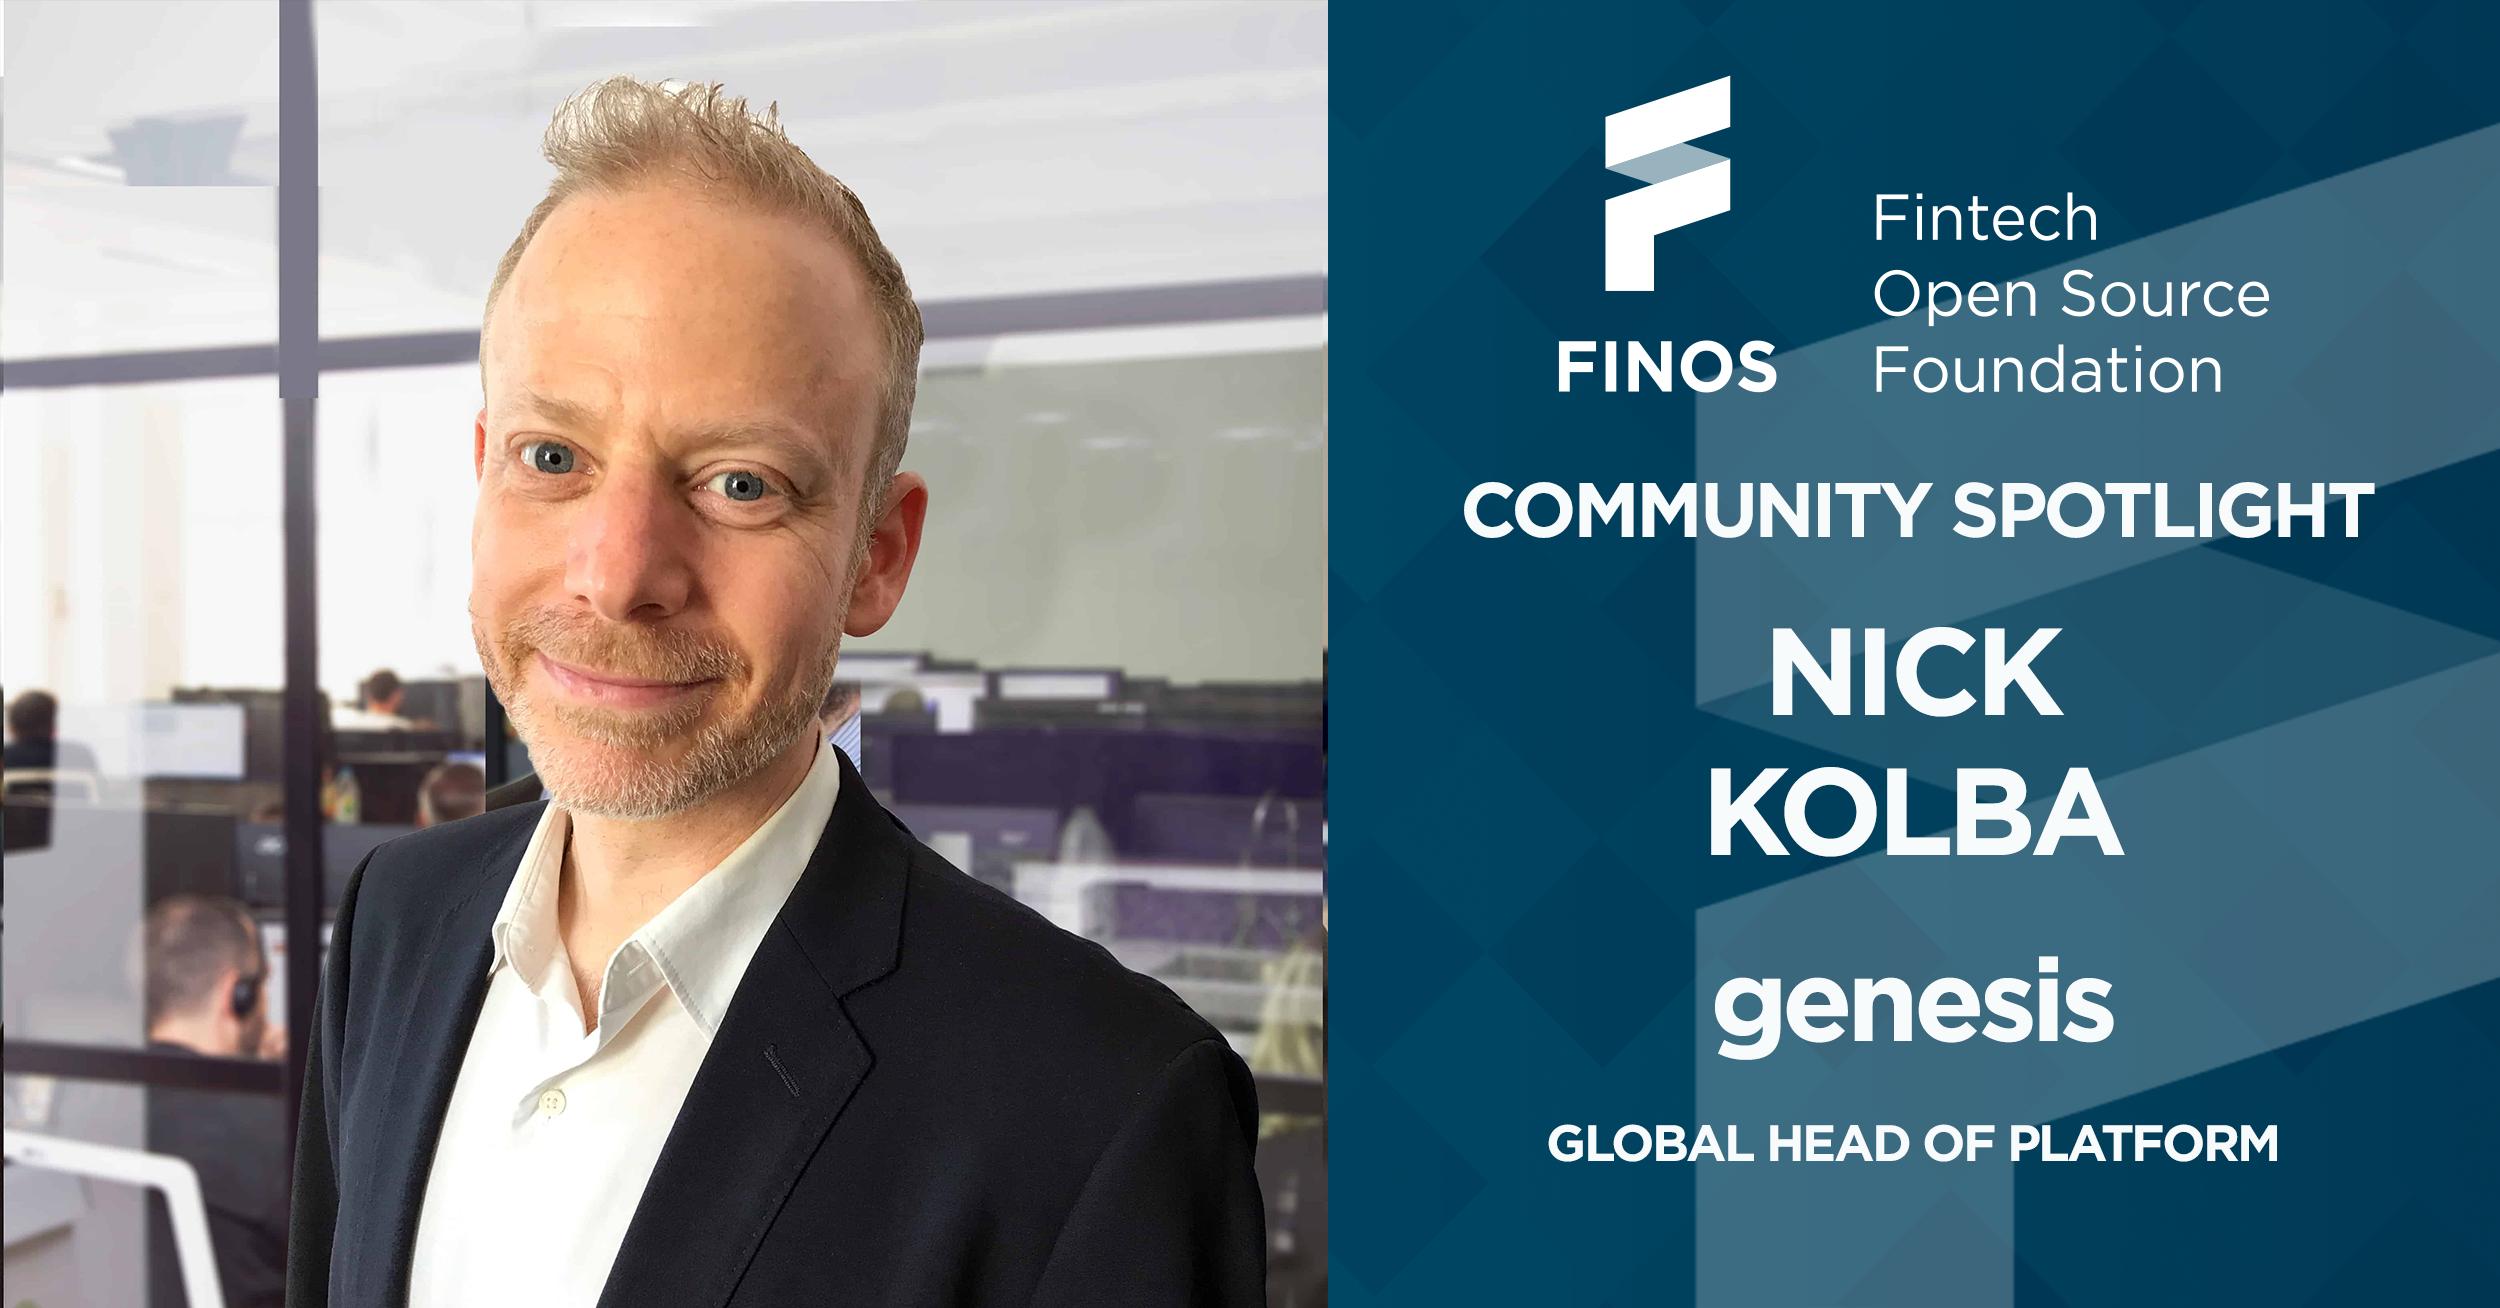 FINOS-community-spotlight-nick-kolba